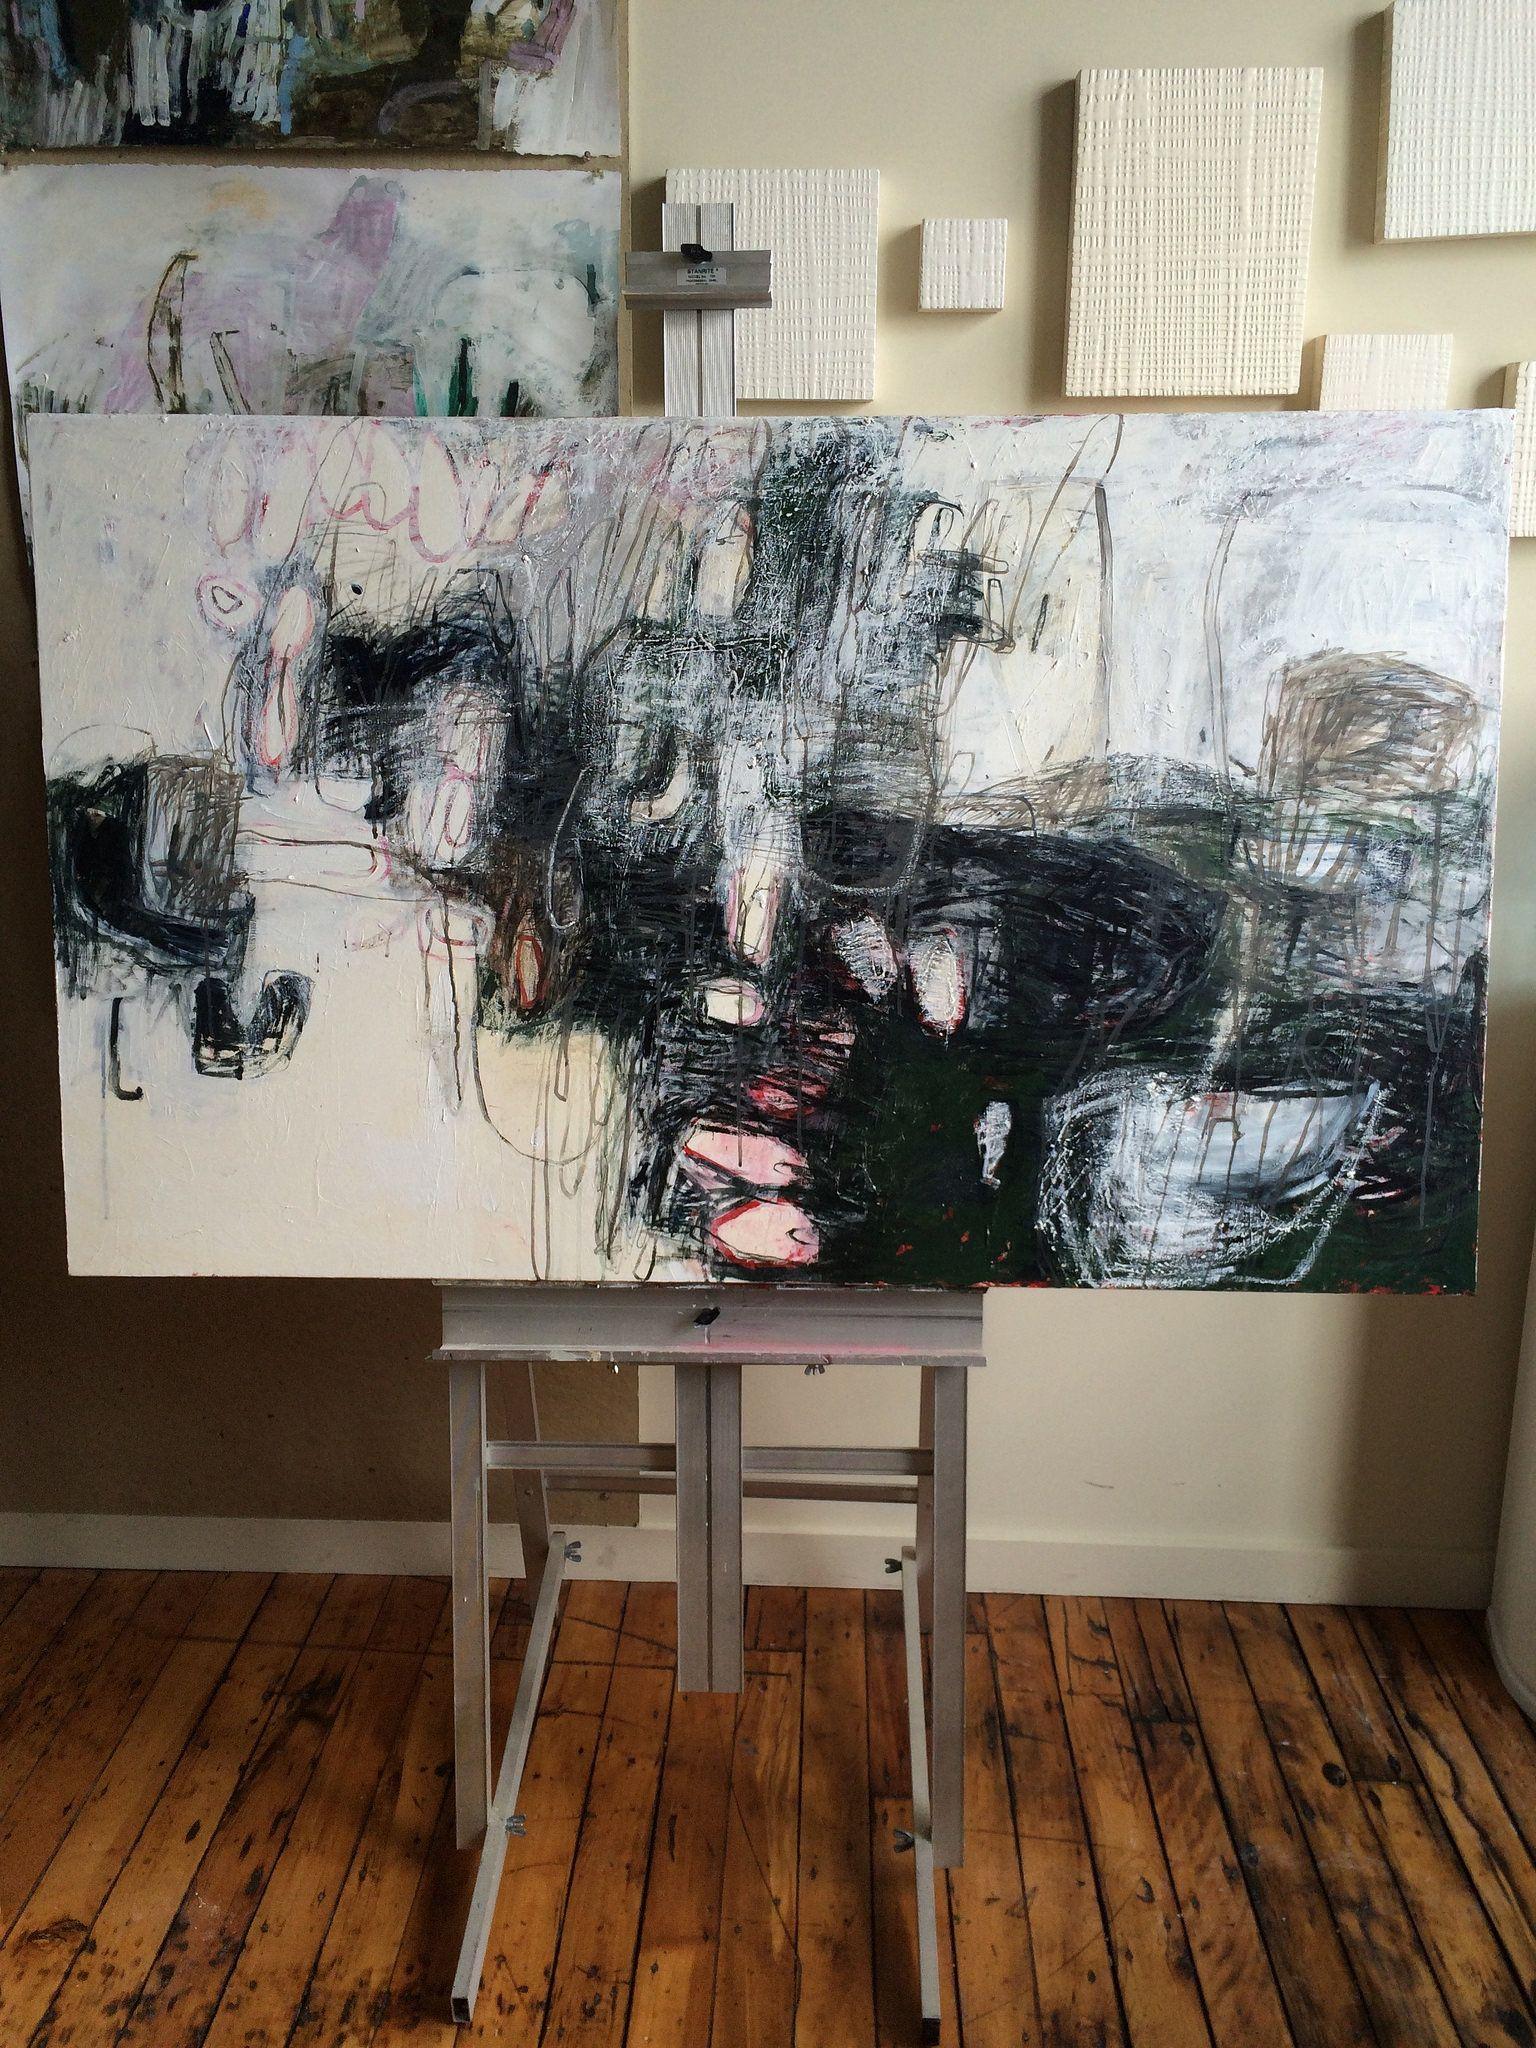 Lari Washburn painting/studio